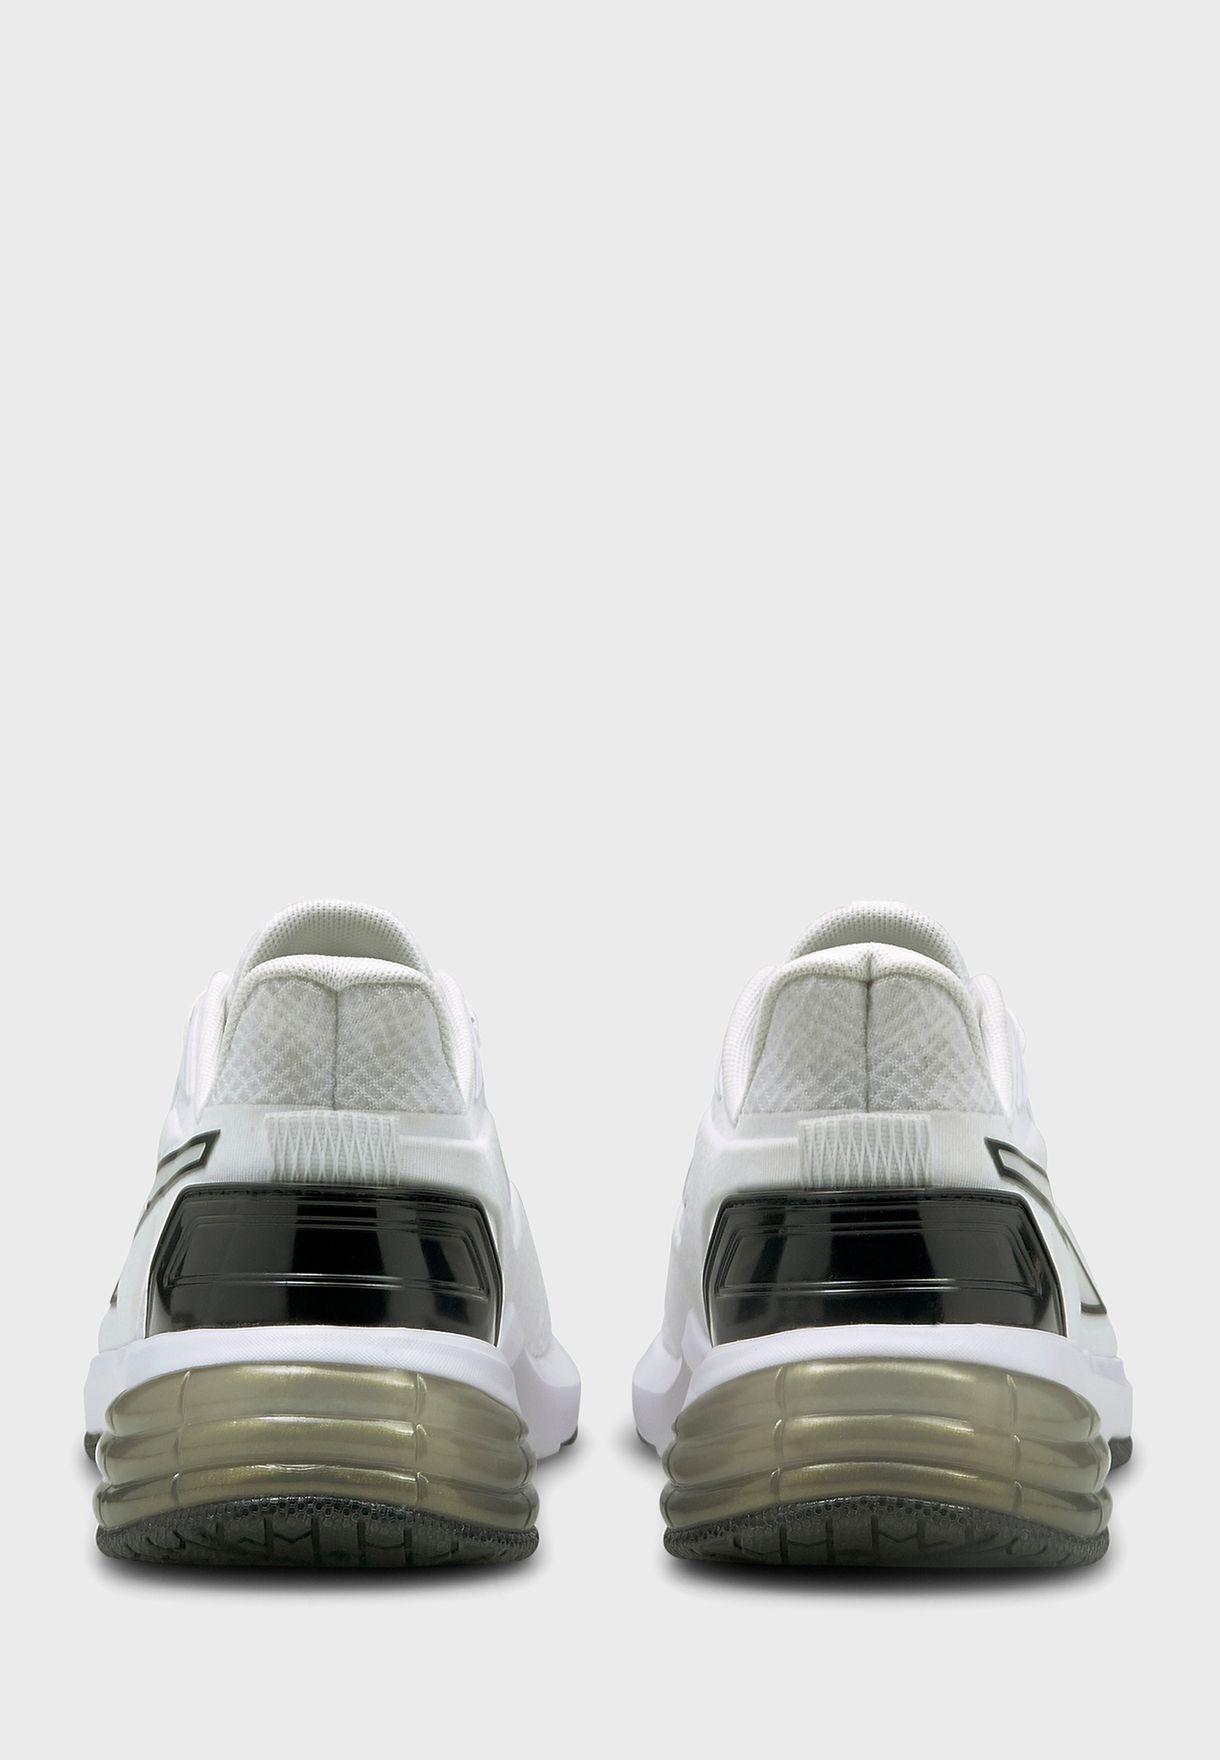 حذاء ليفل اب اكس تي موتو